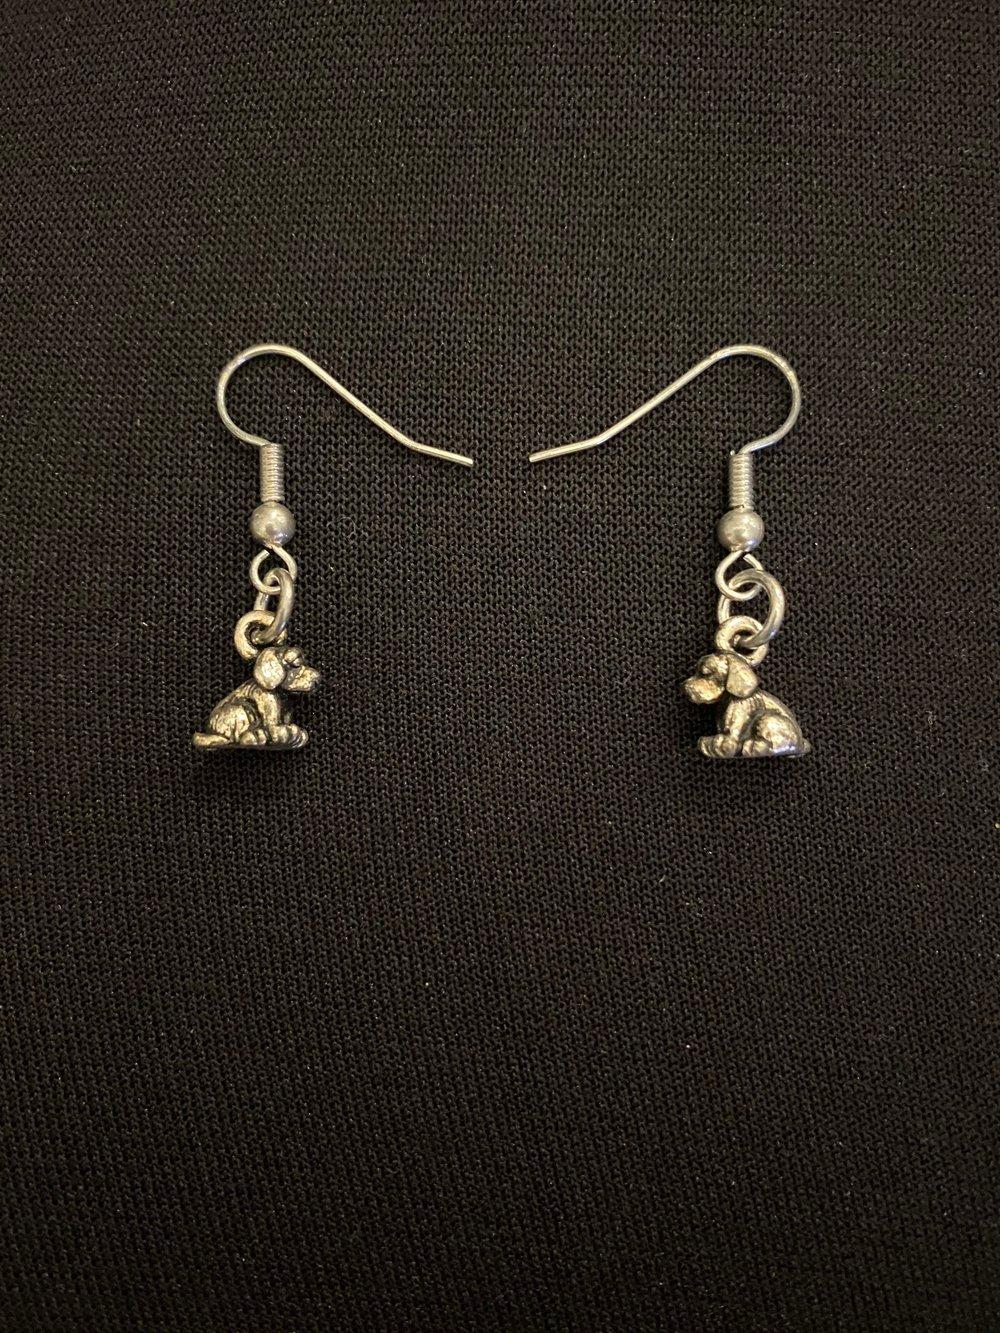 Silver Dog Earrings